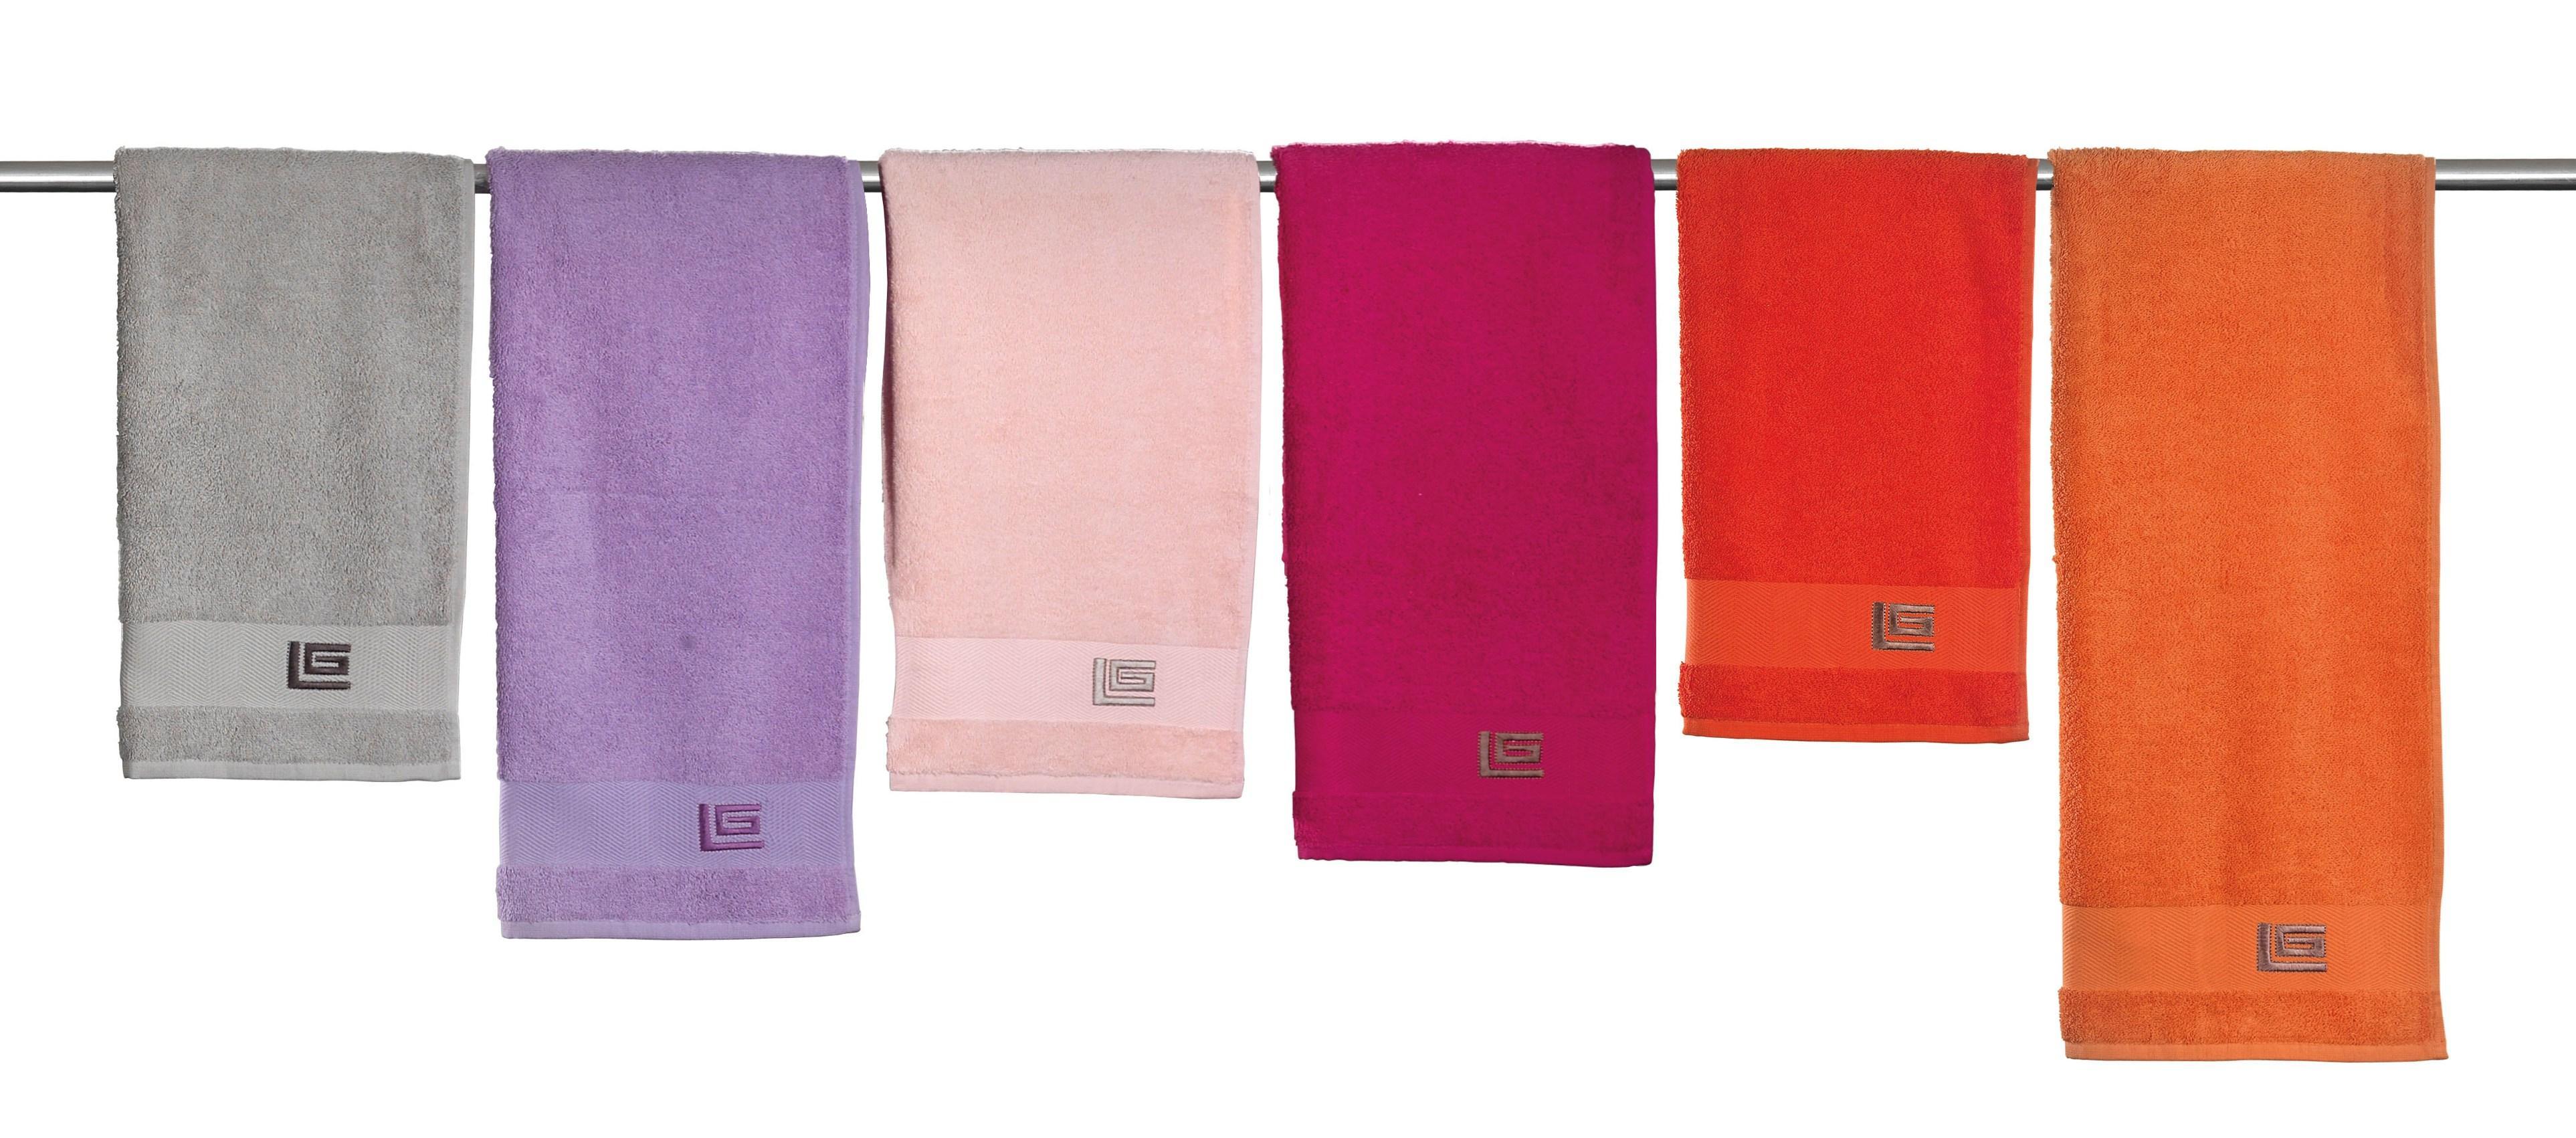 Πετσέτες μονόχρωμες μεμονωμένες REGINA Guy Laroche (Πορτοκαλί, Προσώπου) last items   μπάνιο